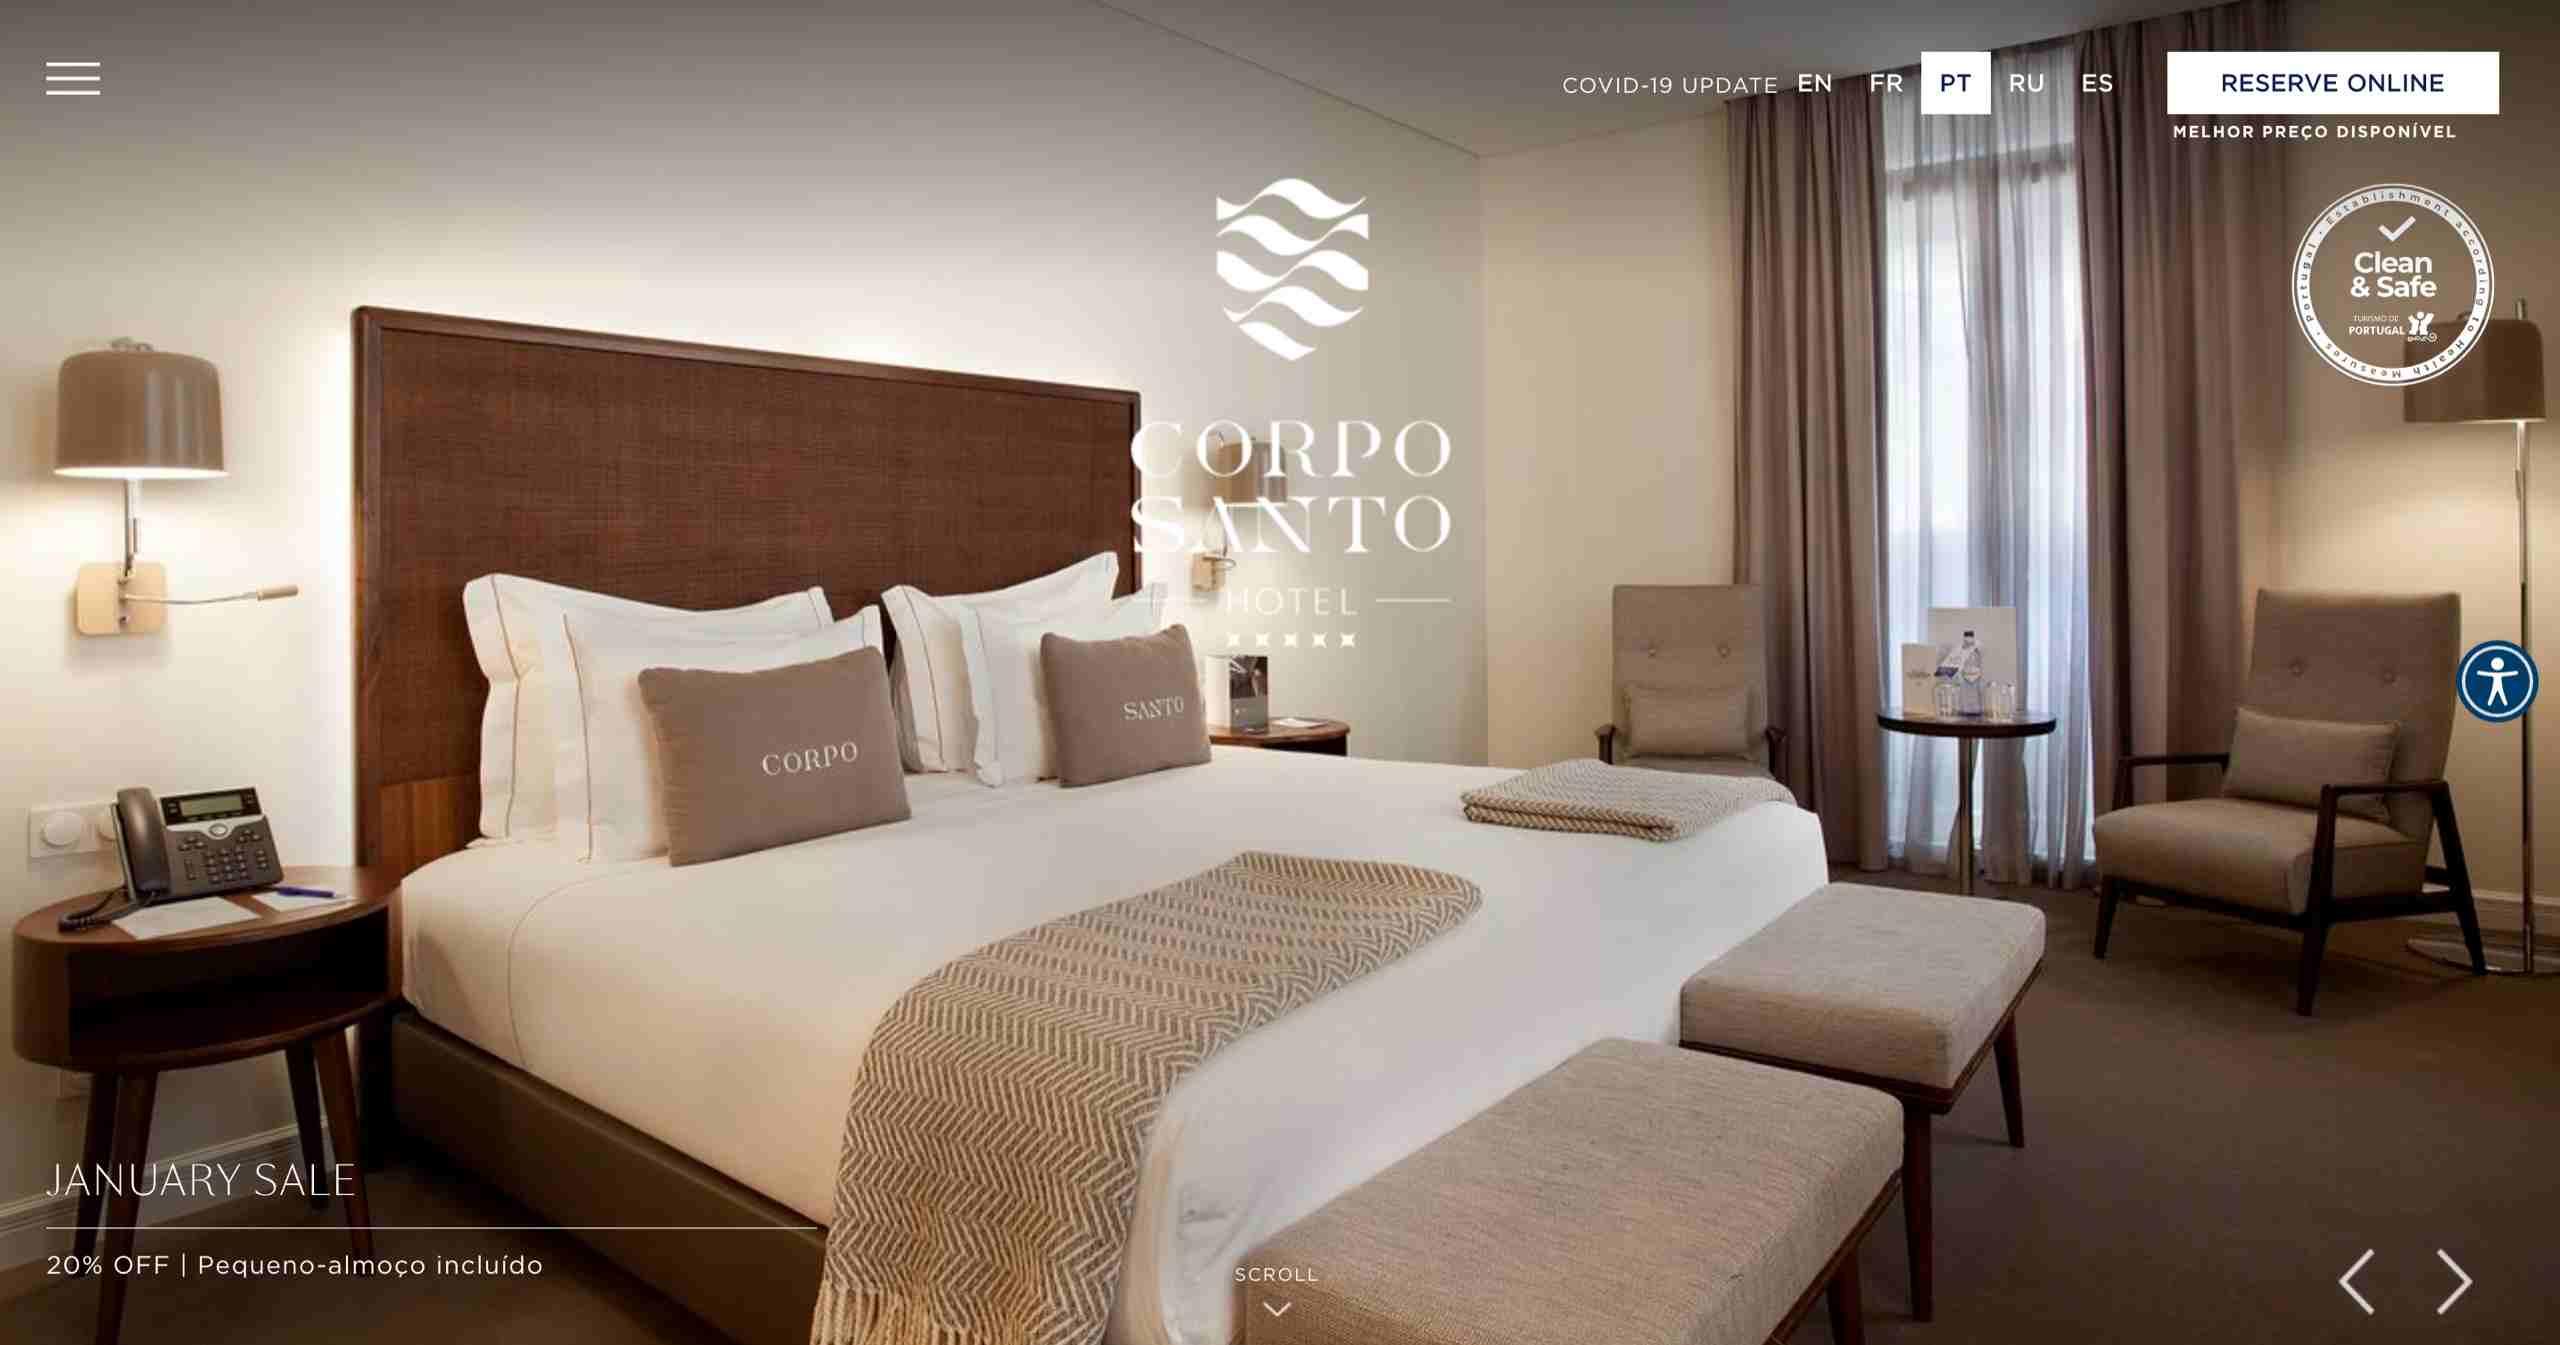 Clientes ABC Hospitality Corpo Santo Hotel